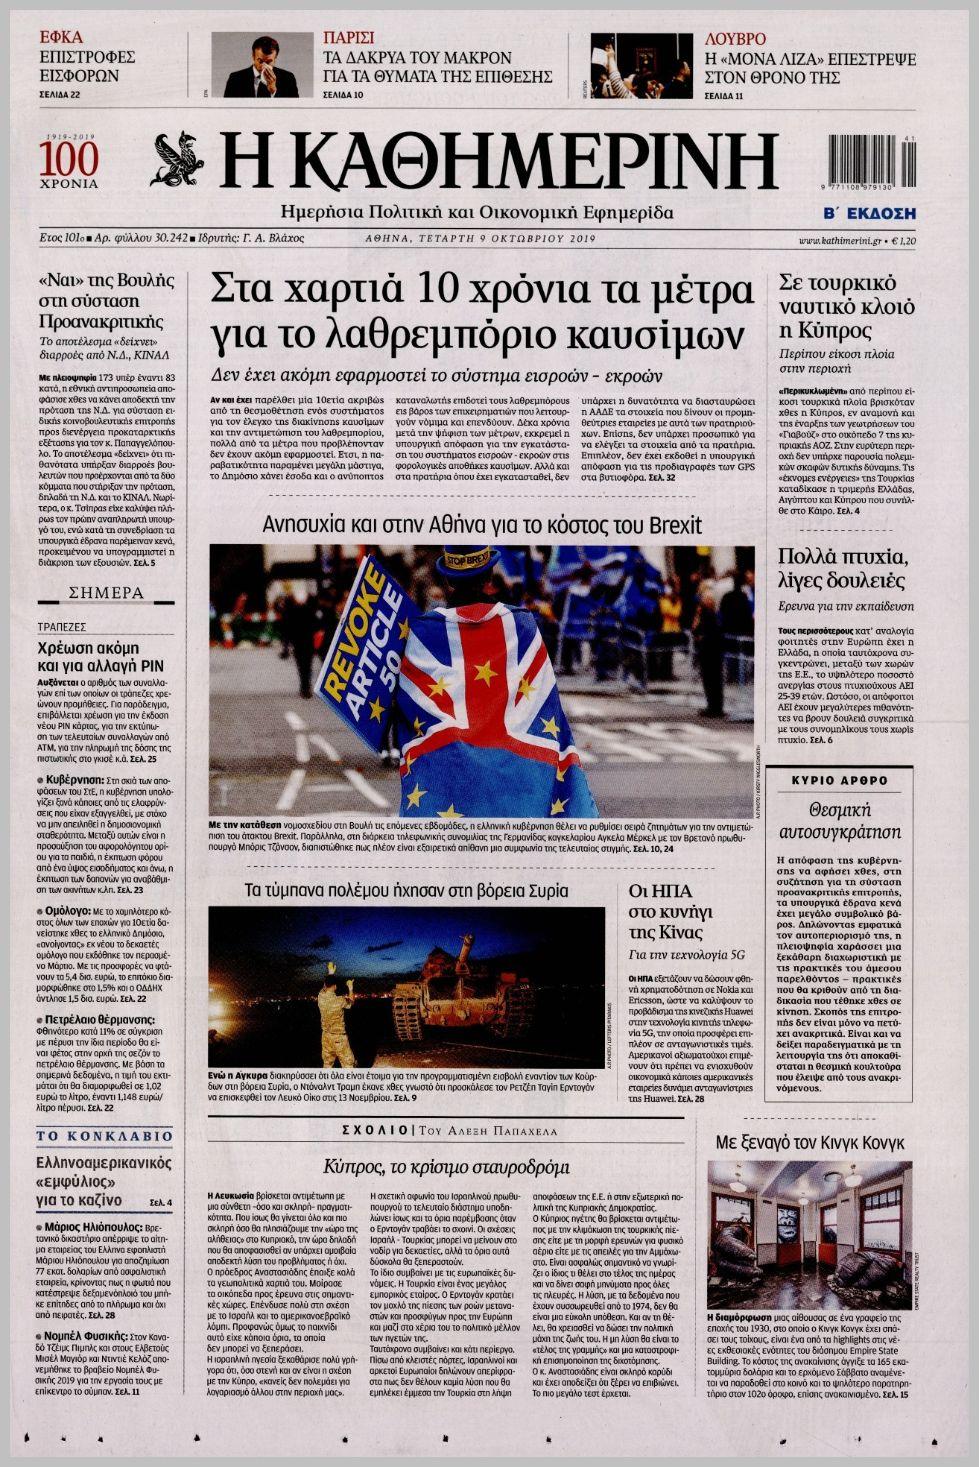 https://protoselida.24media.gr/images/2019/10/09/lrg/20191009_kathimerini_0439.jpg